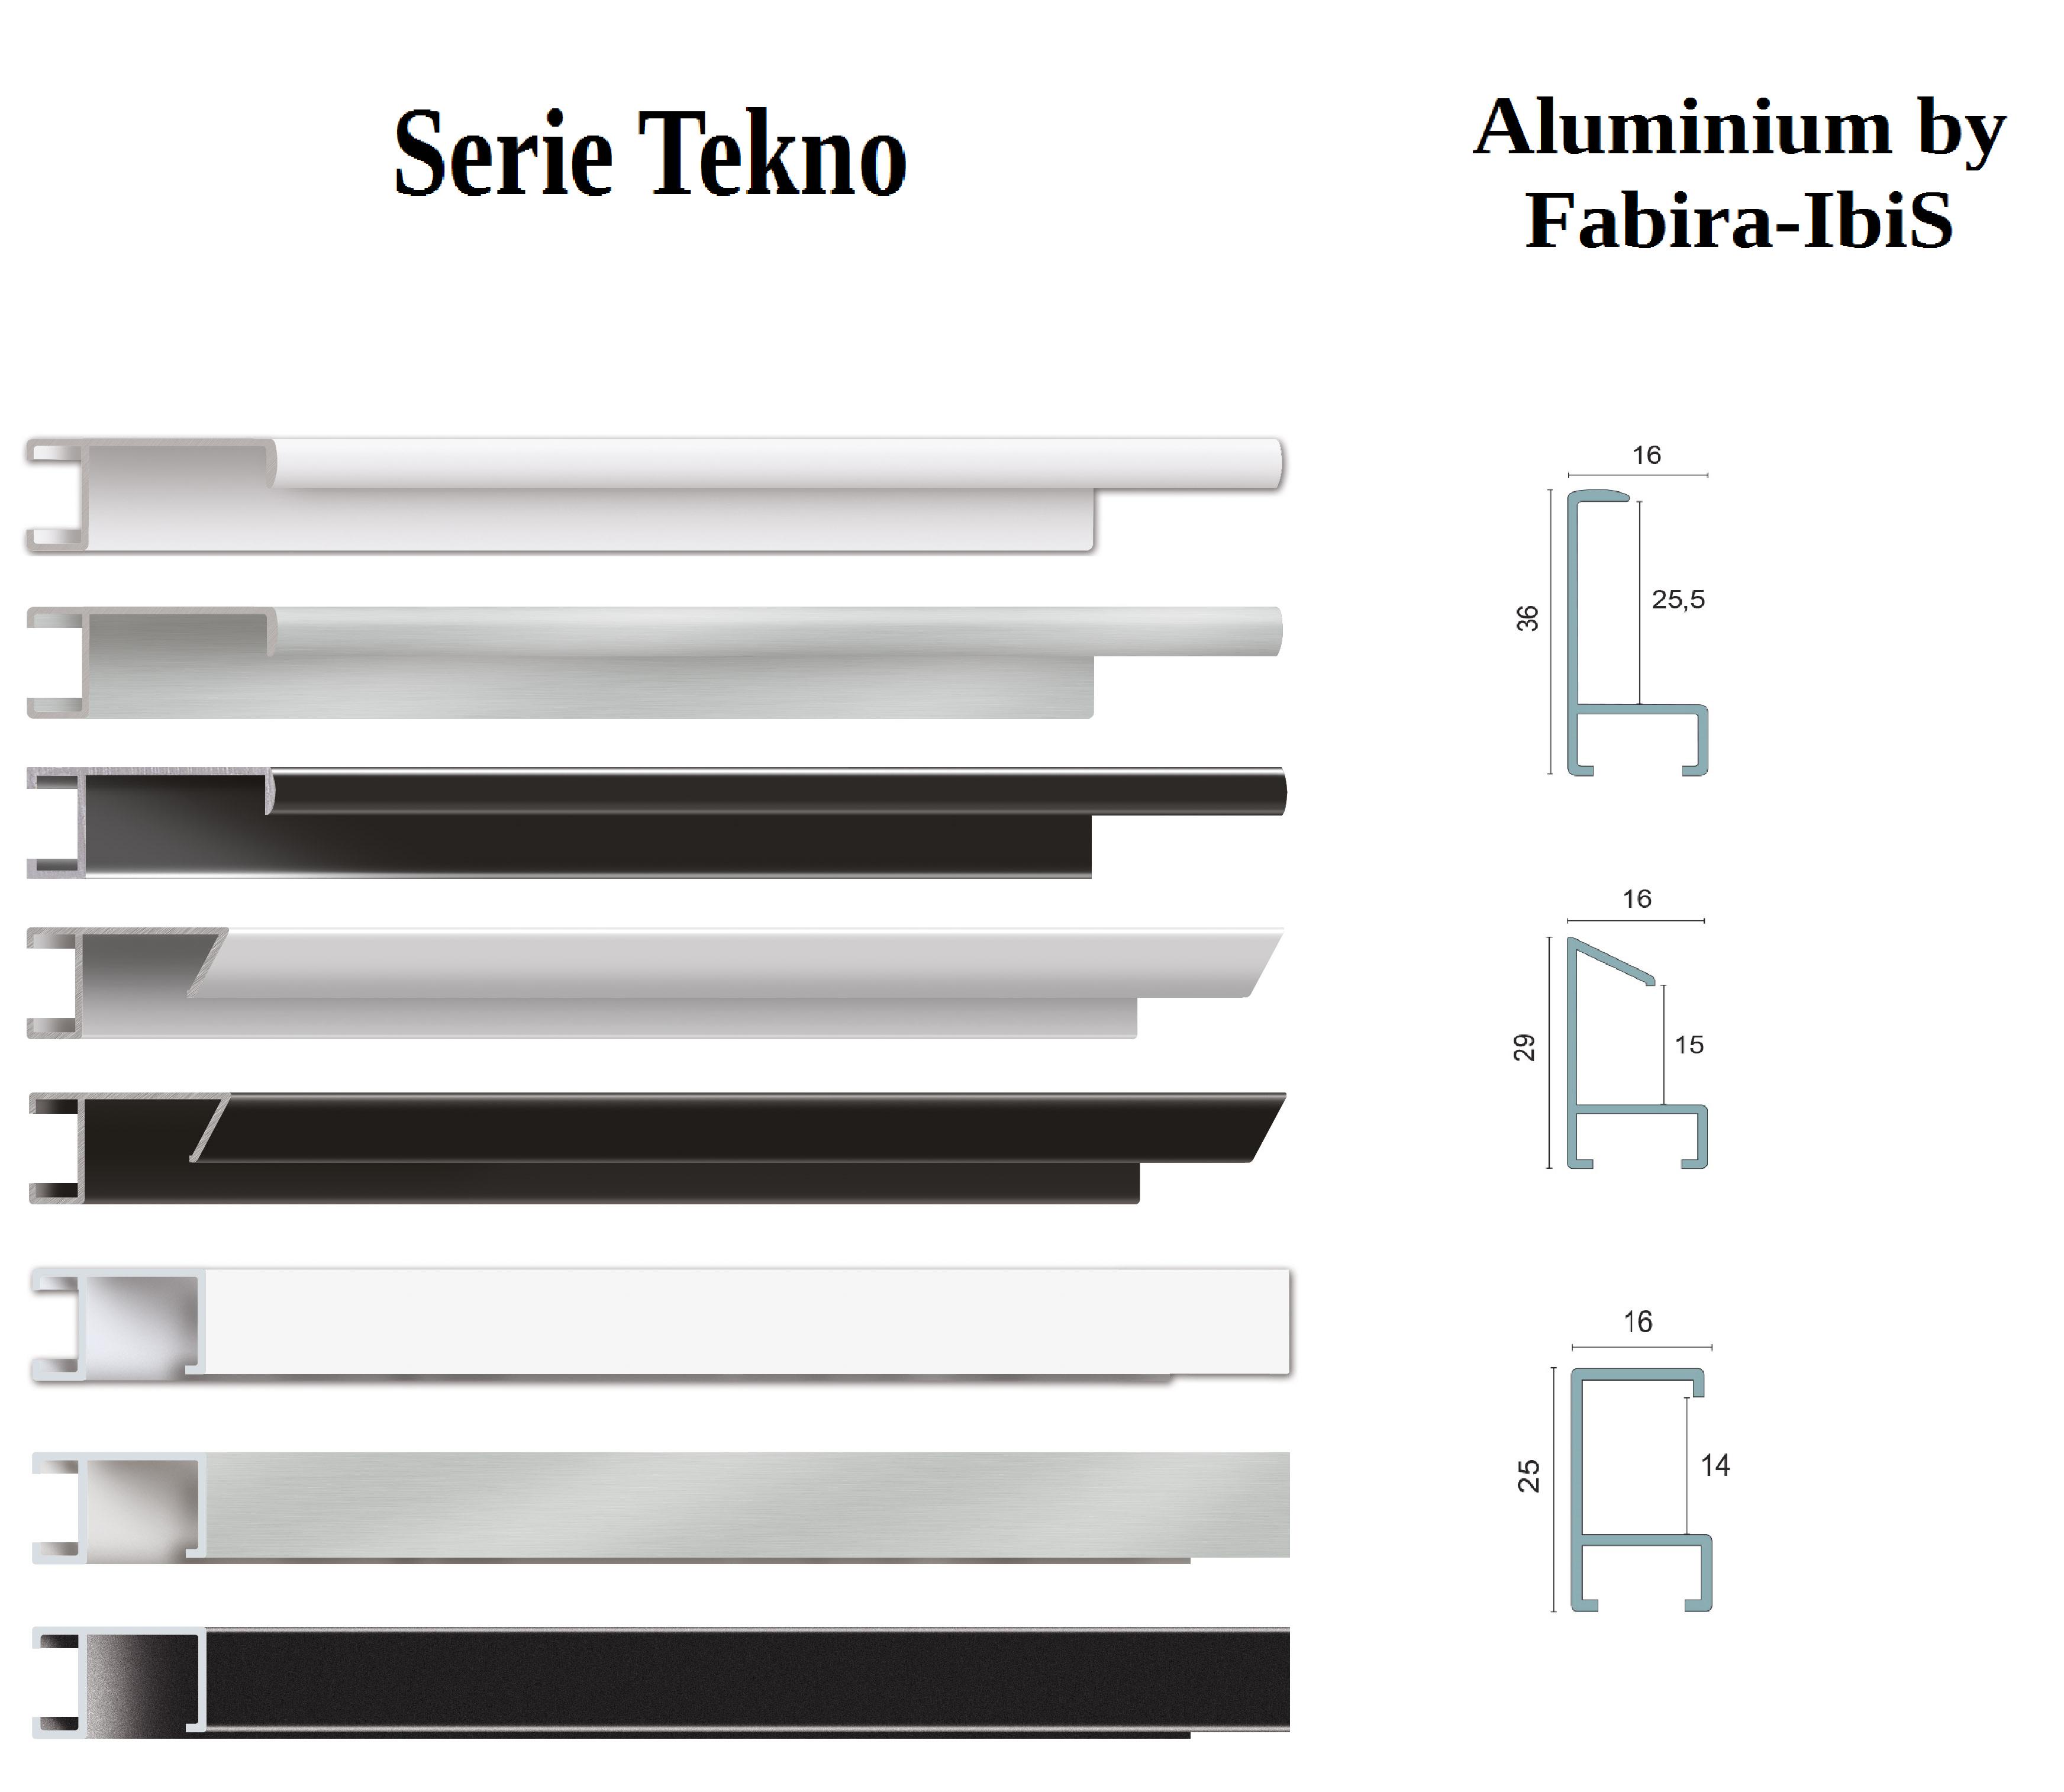 Fabira-IbiS Aluminium: Tekno